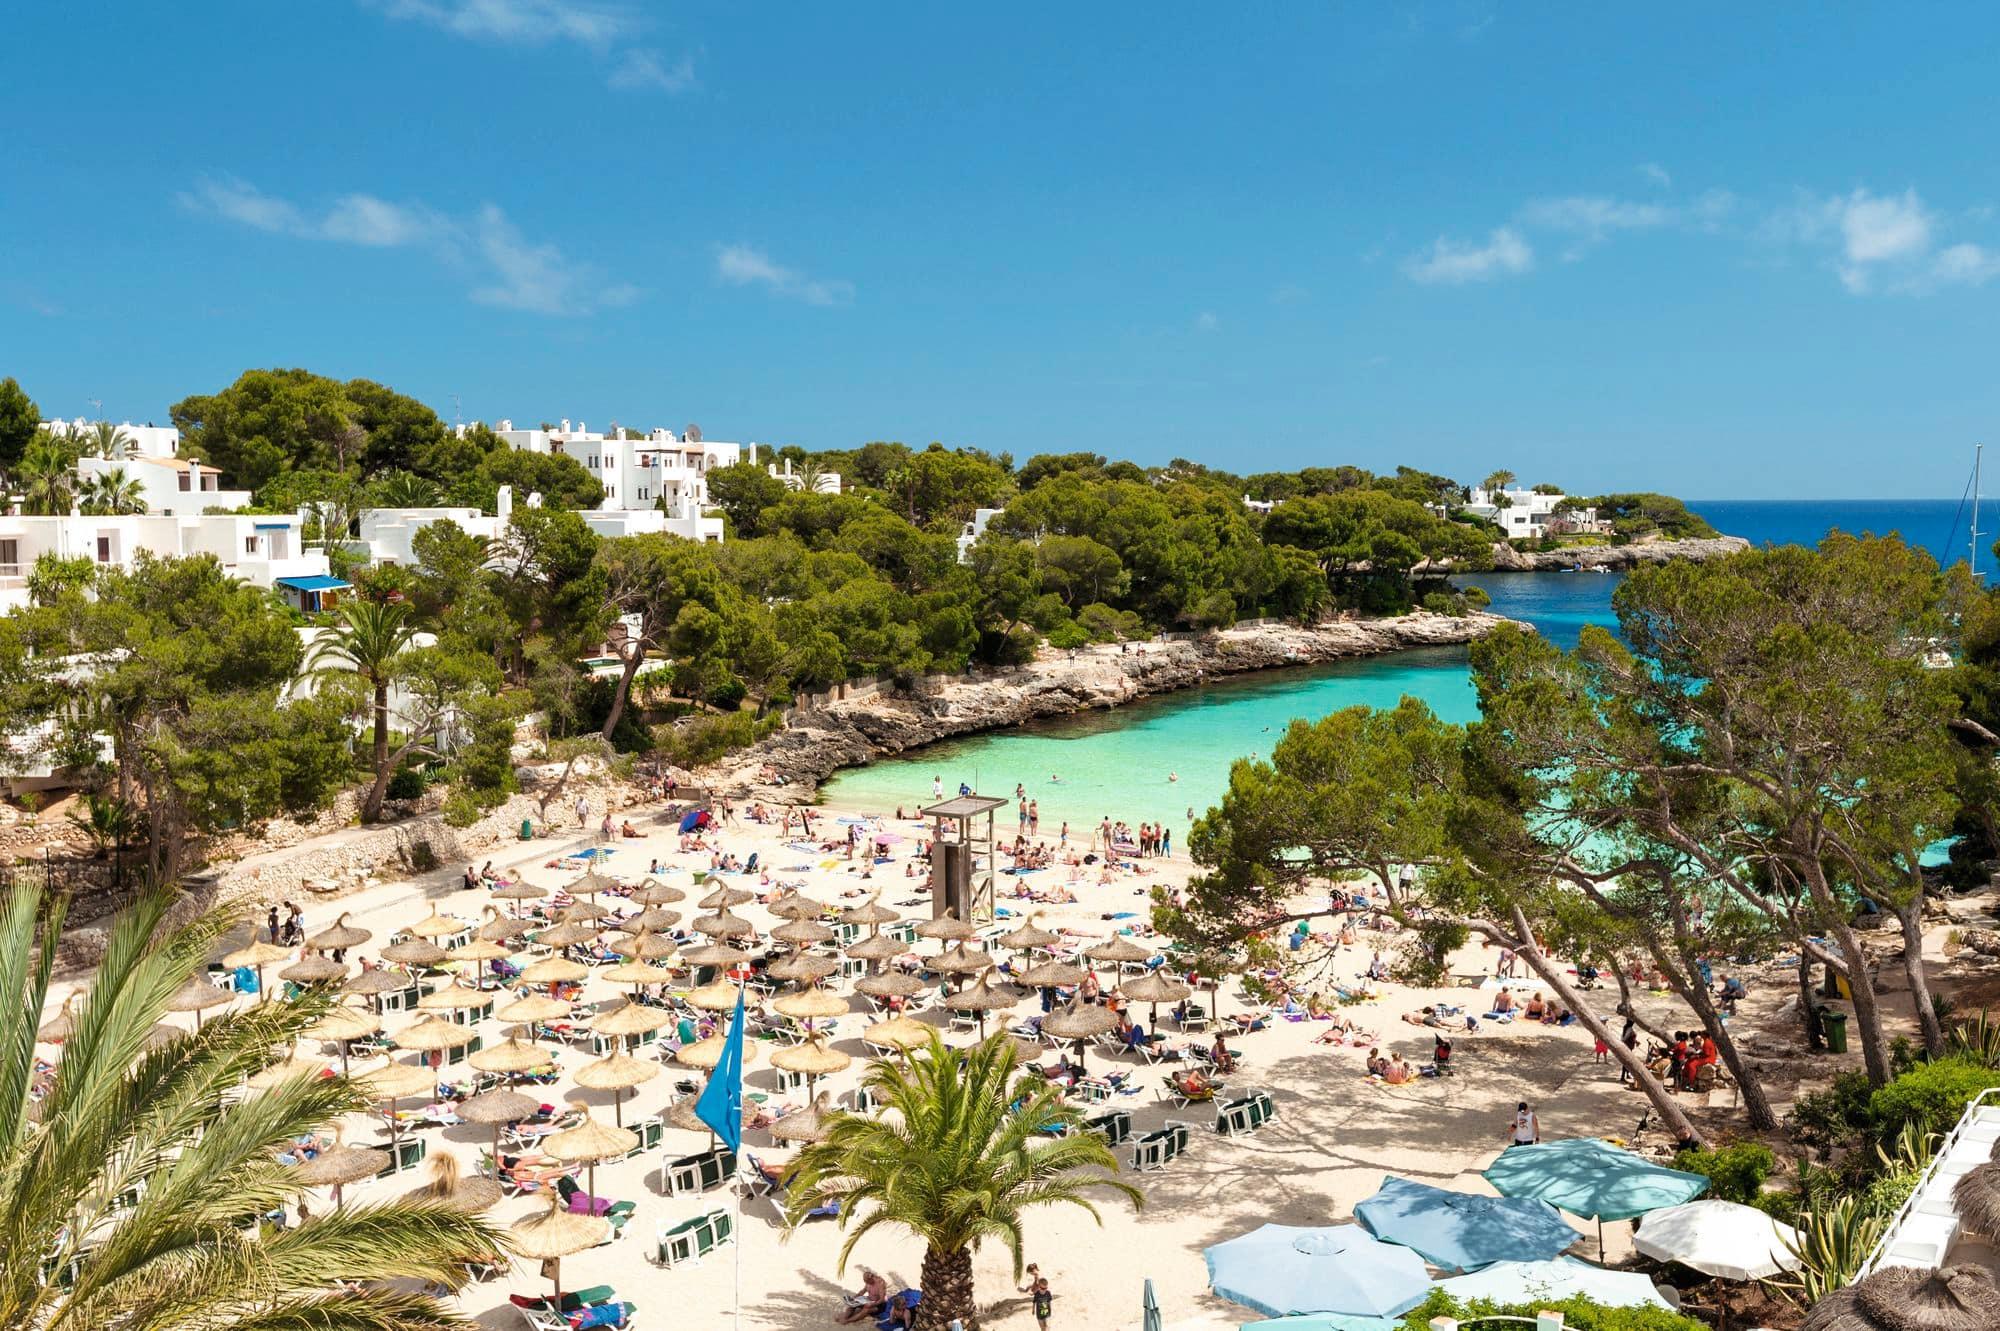 Cala egos mallorca piscina natural awesome outside hotel for Cala egos piscina natural